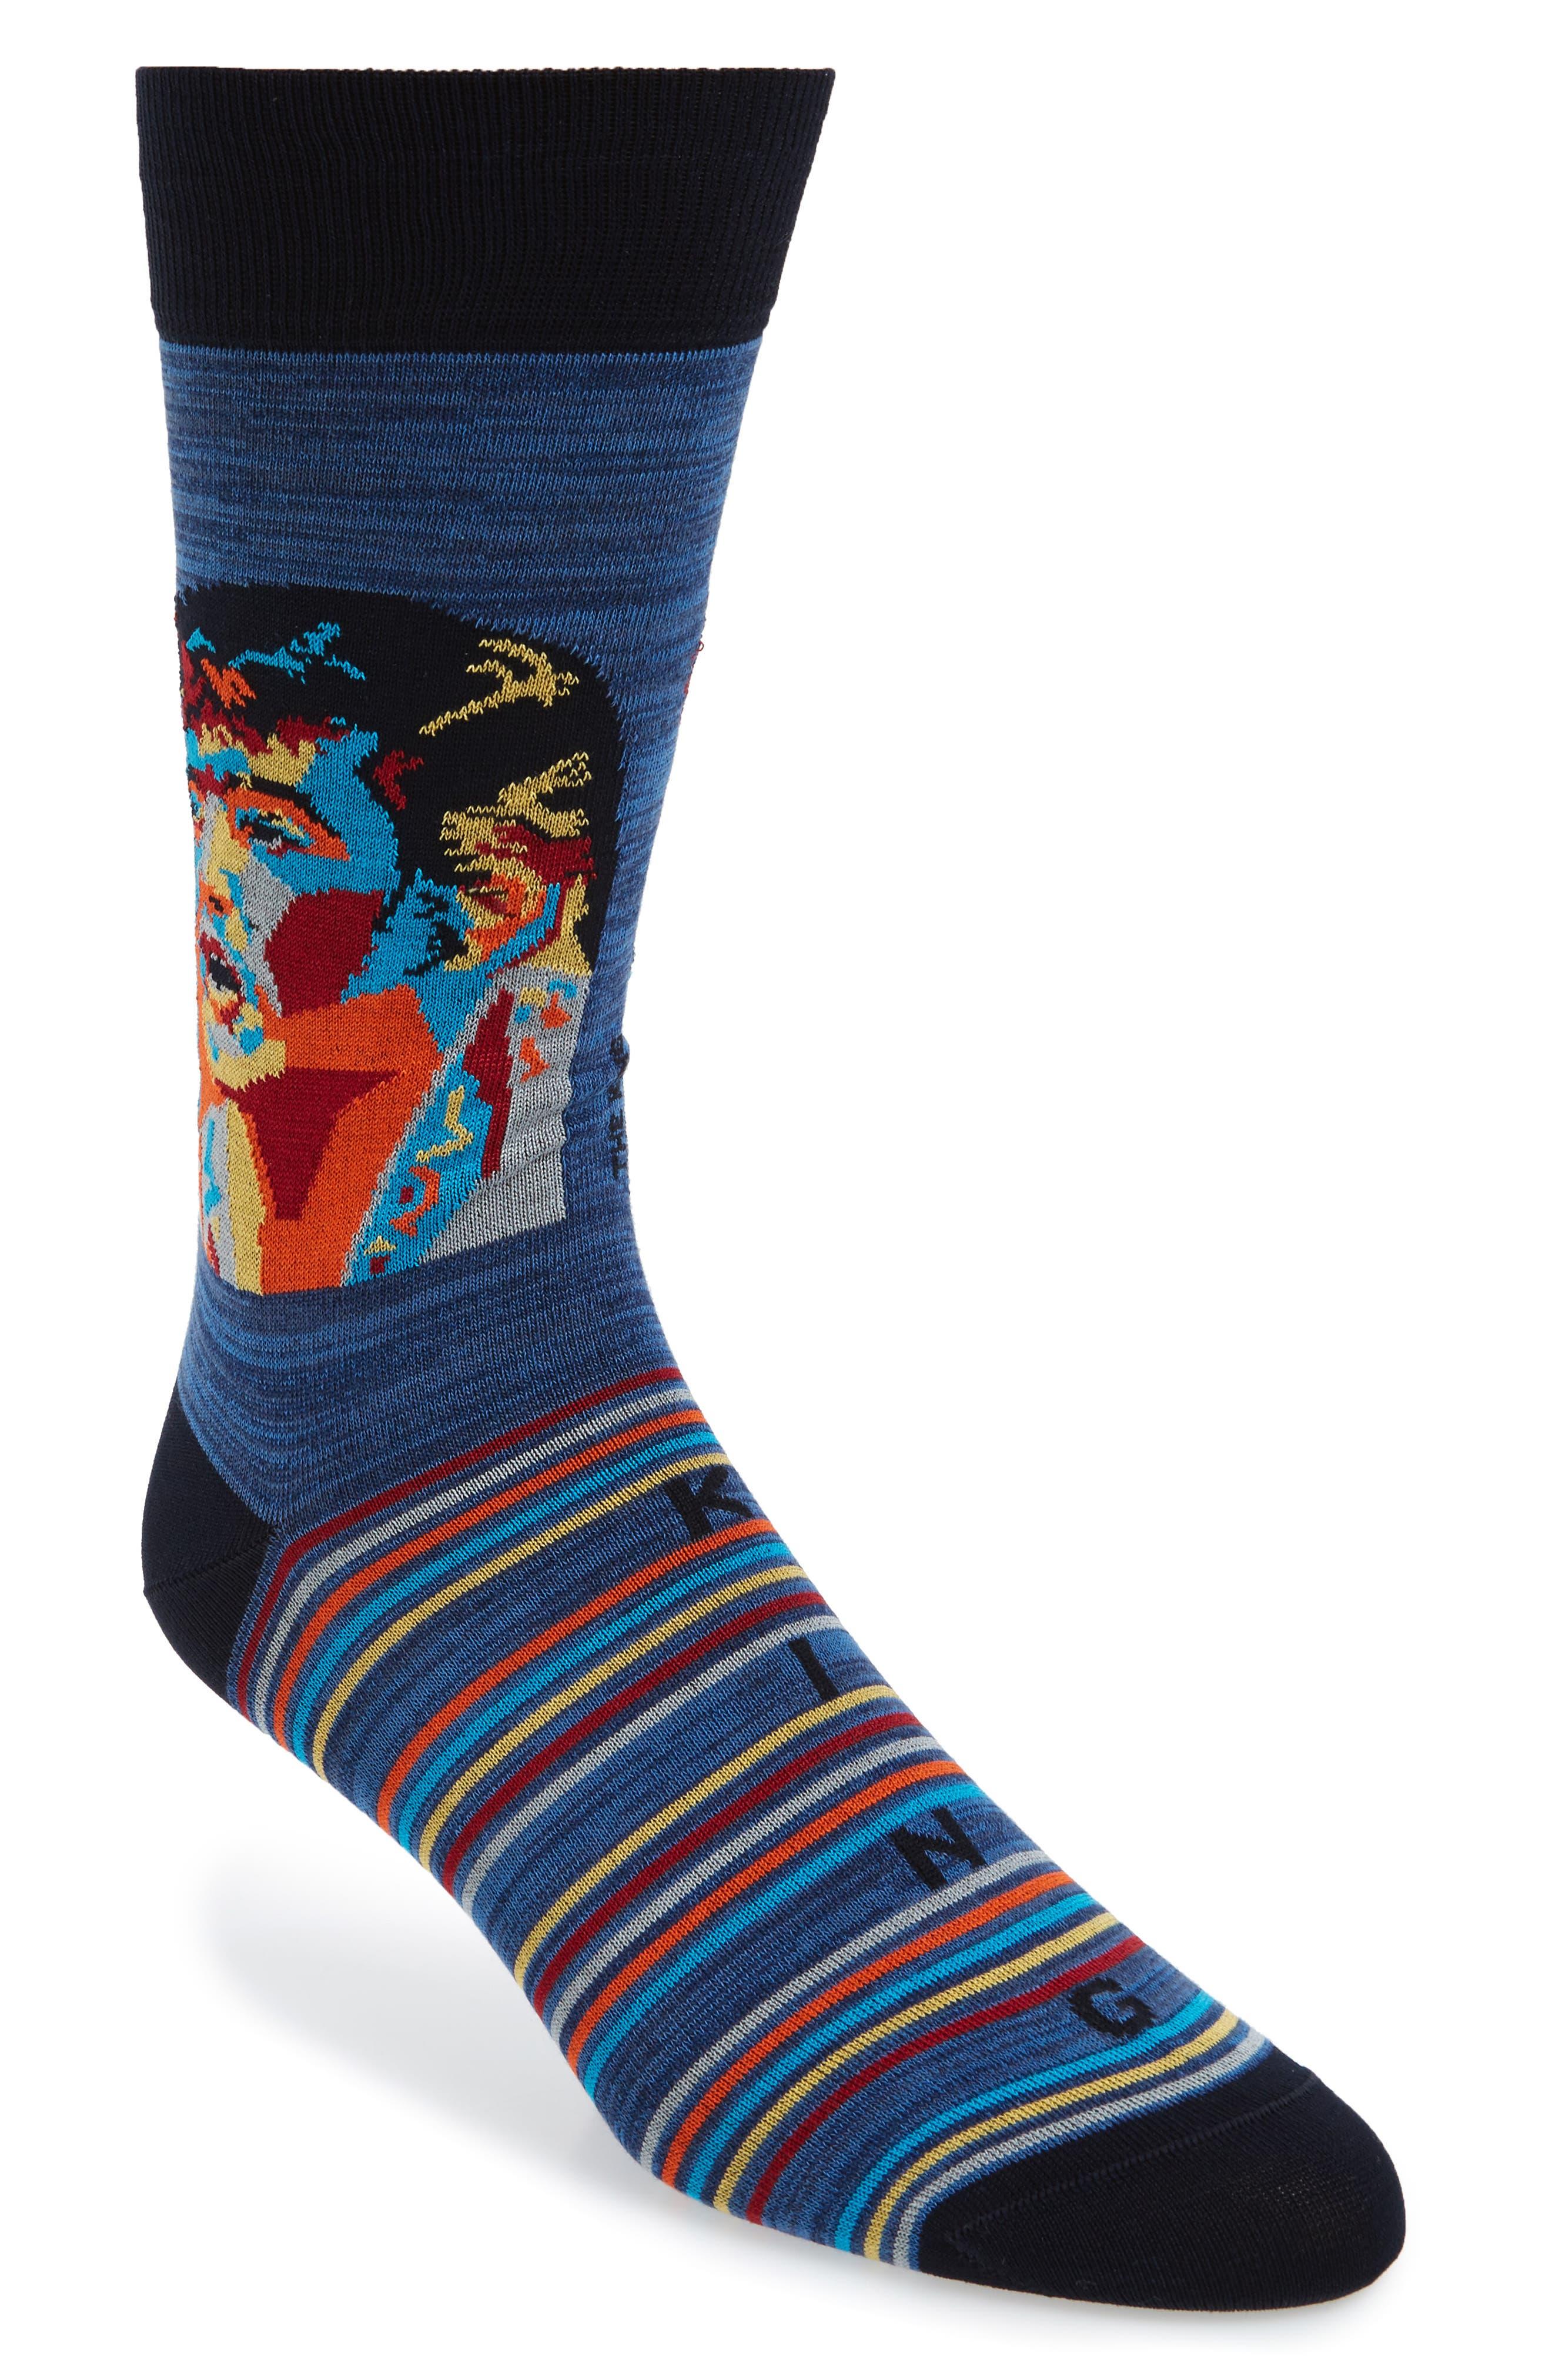 Stripe Mercerized Cotton Blend Socks,                             Main thumbnail 1, color,                             Night Blue